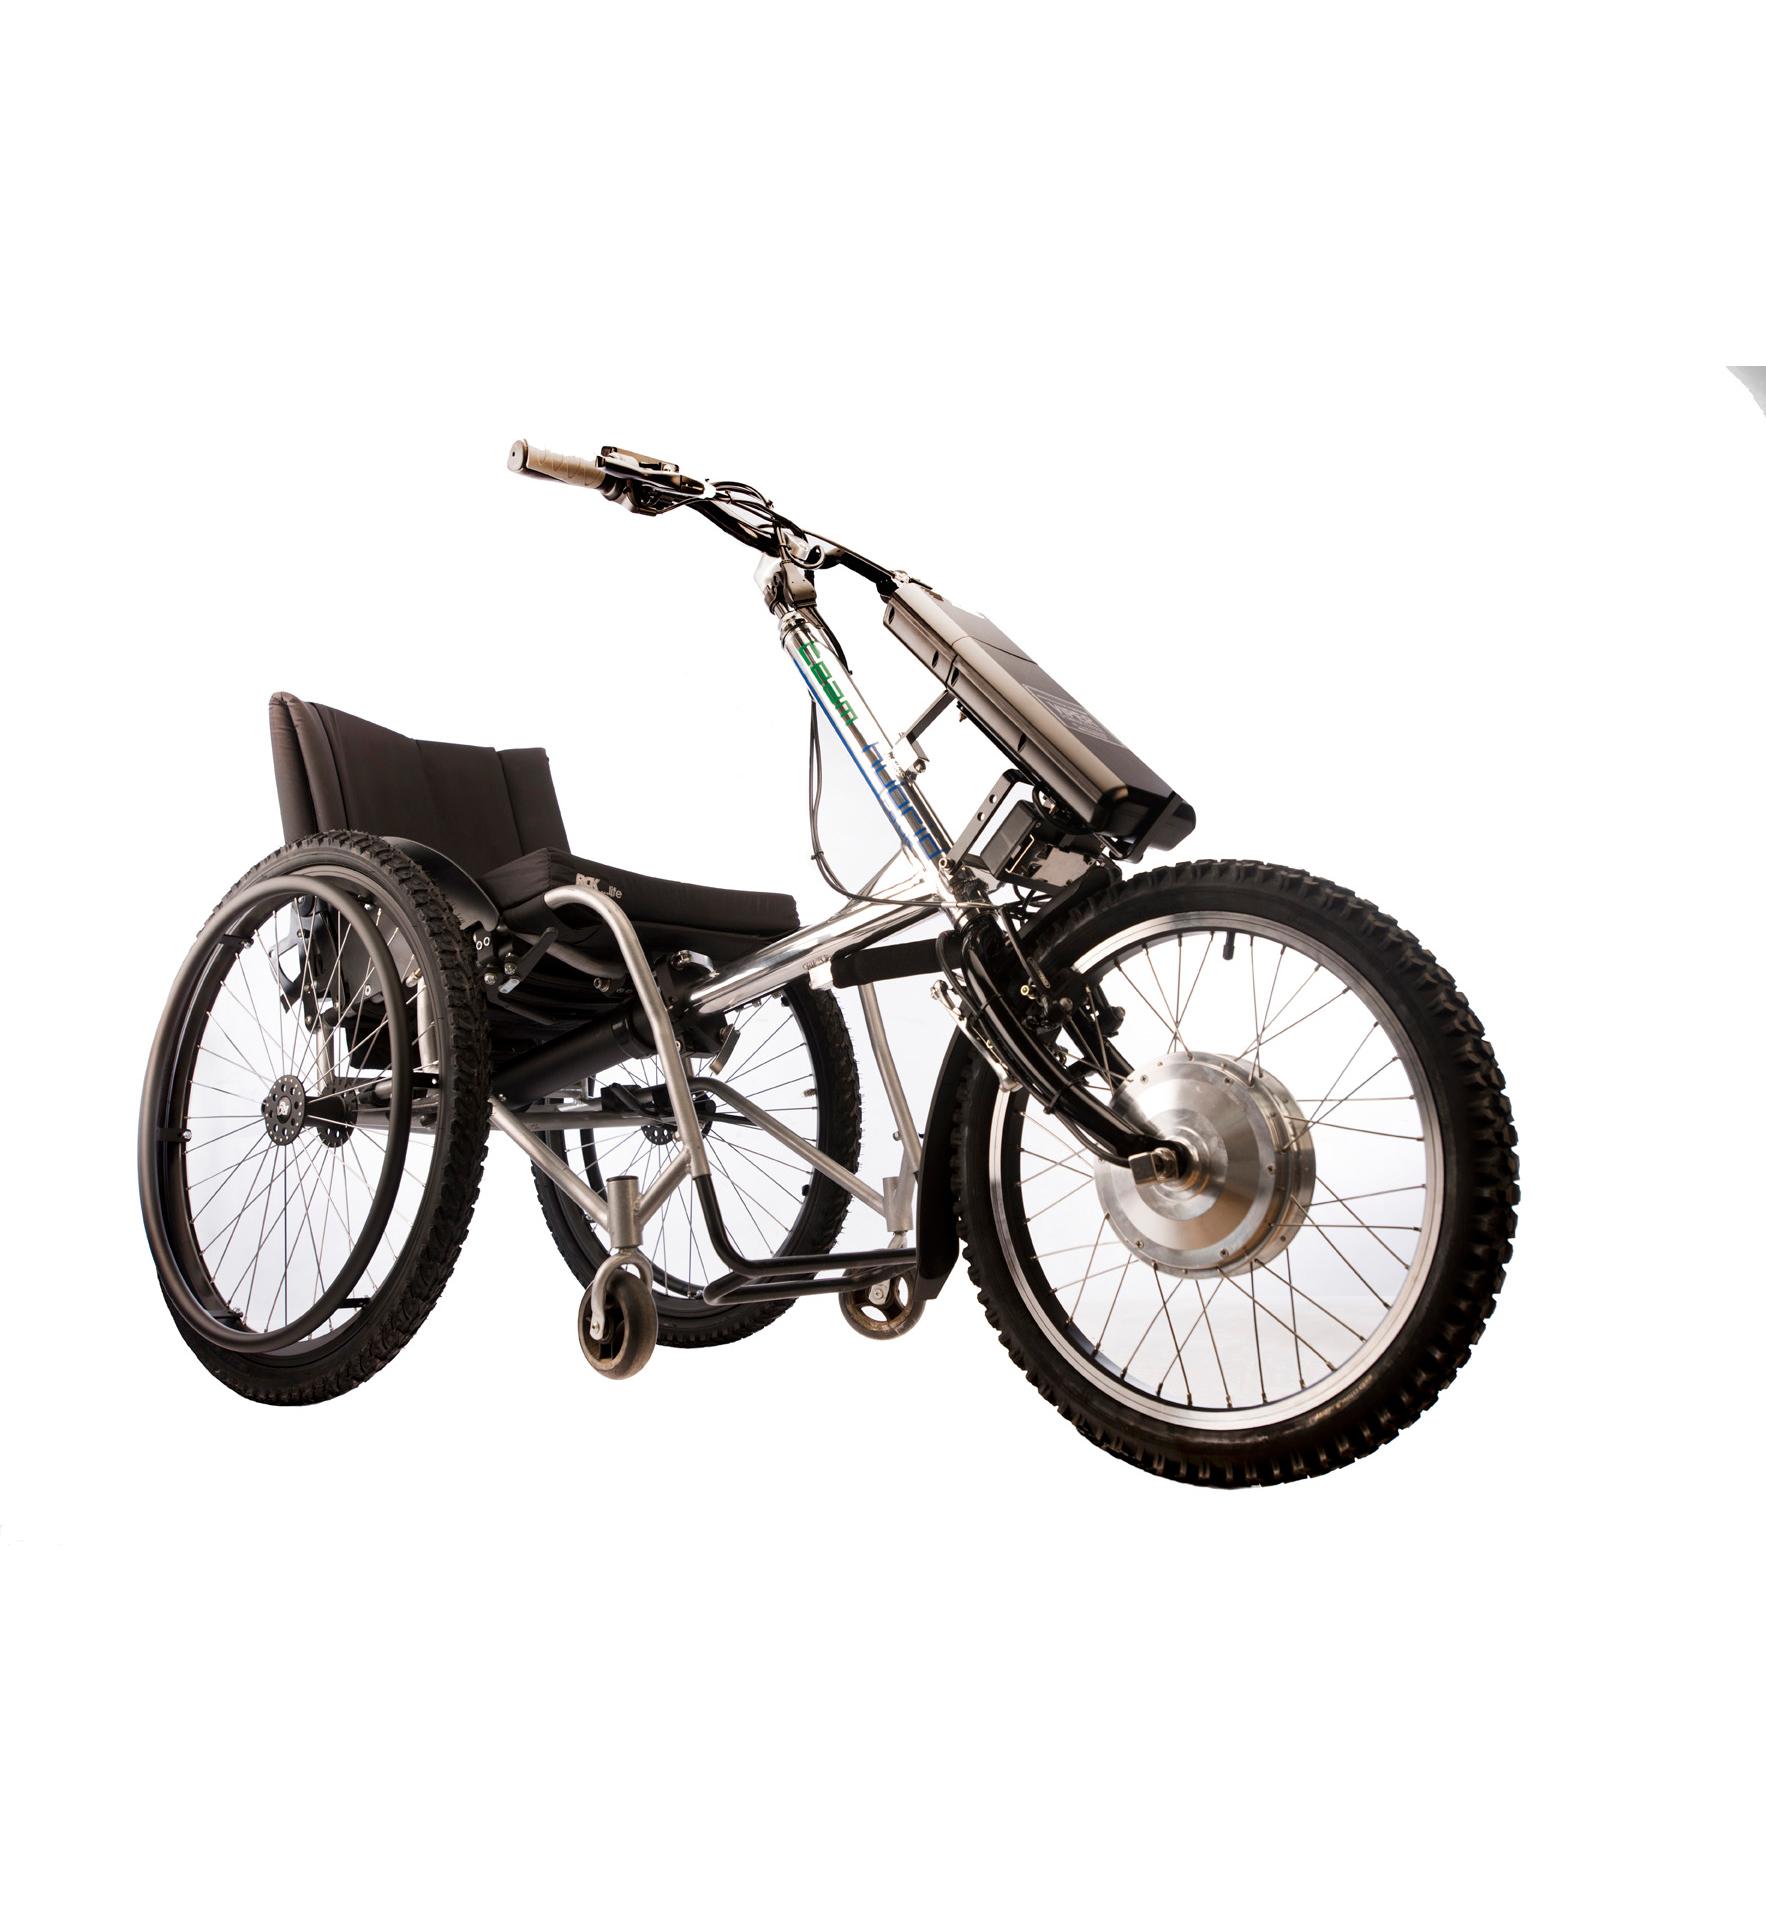 Viper S200